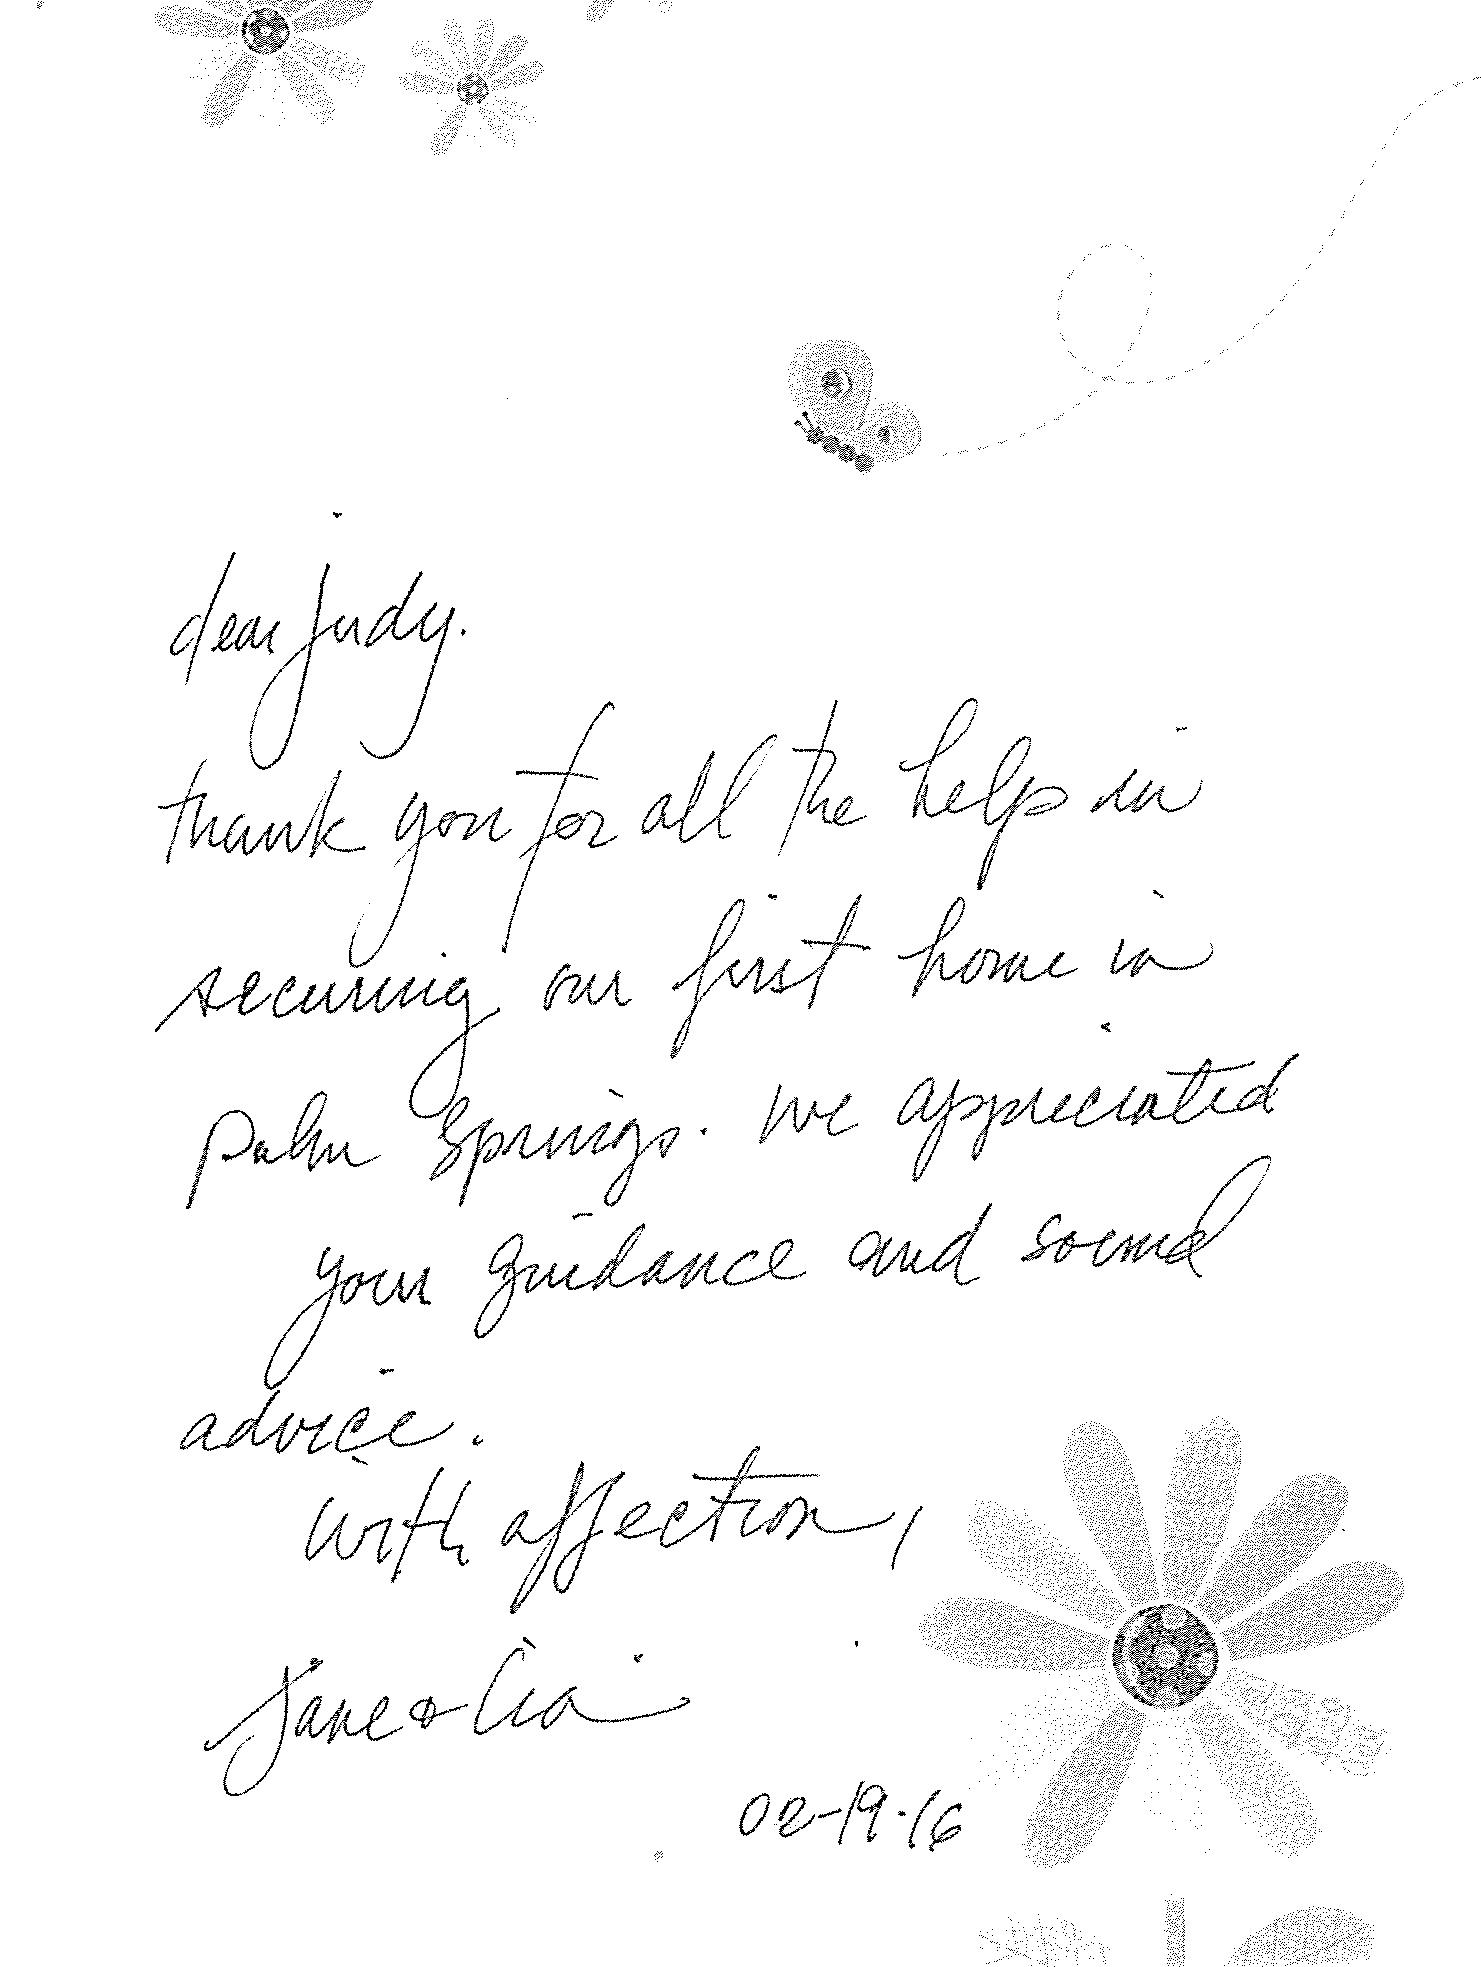 Judy Koubek Realtor - Testimonial